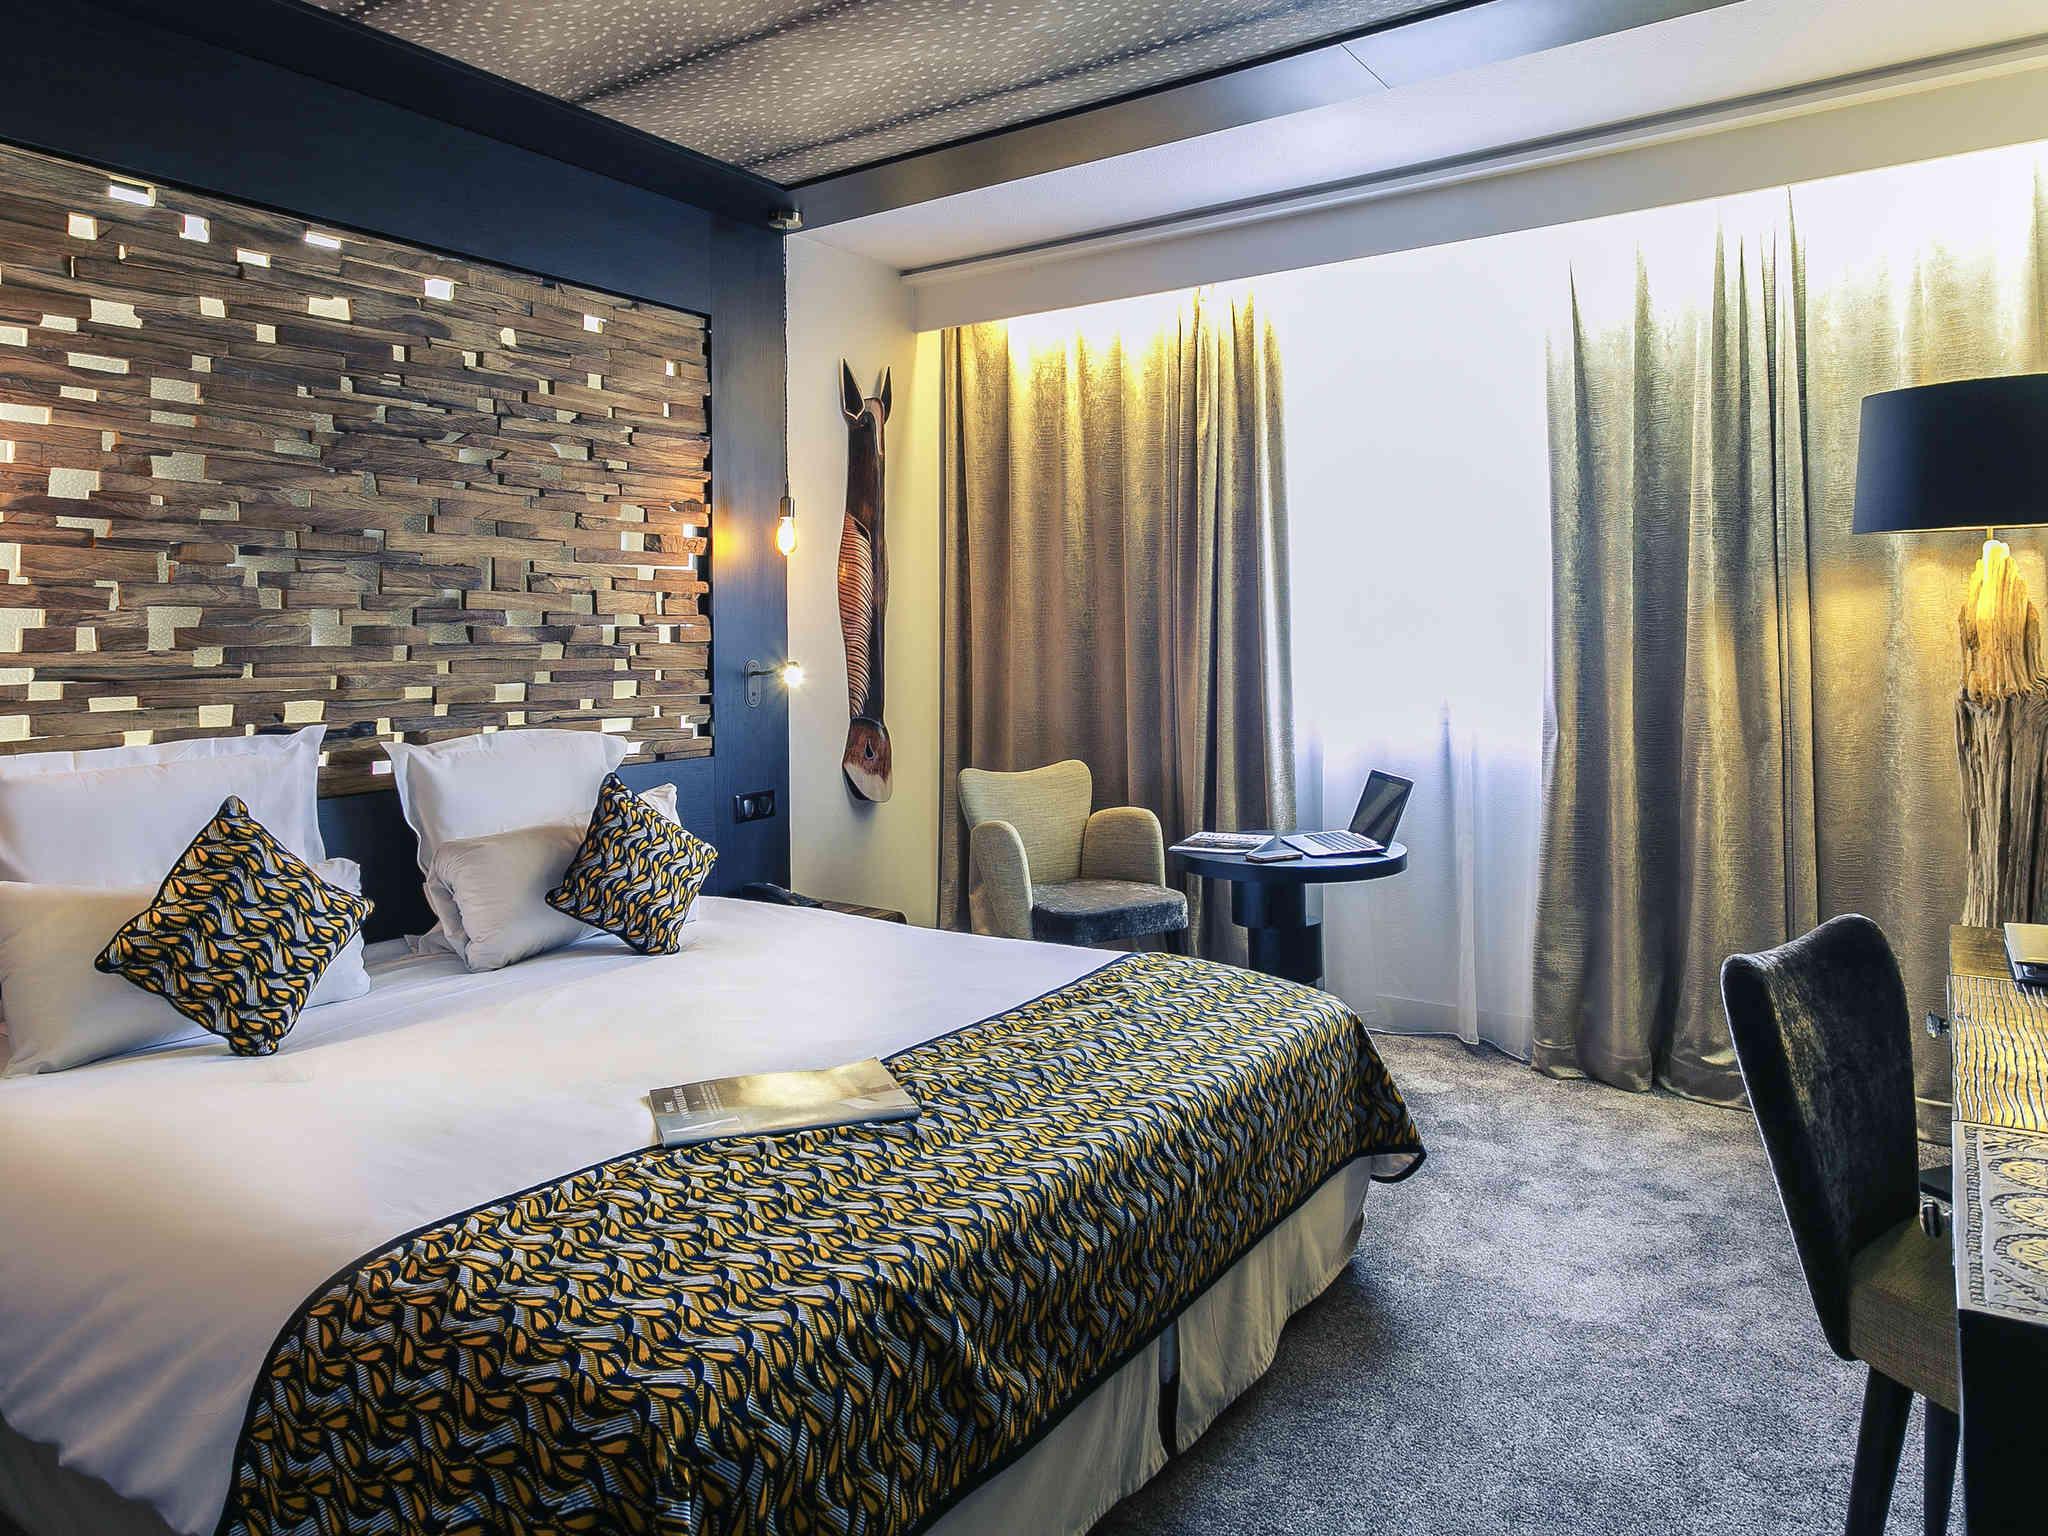 Hotel – Hotel Mercure Bordeaux Aeroport